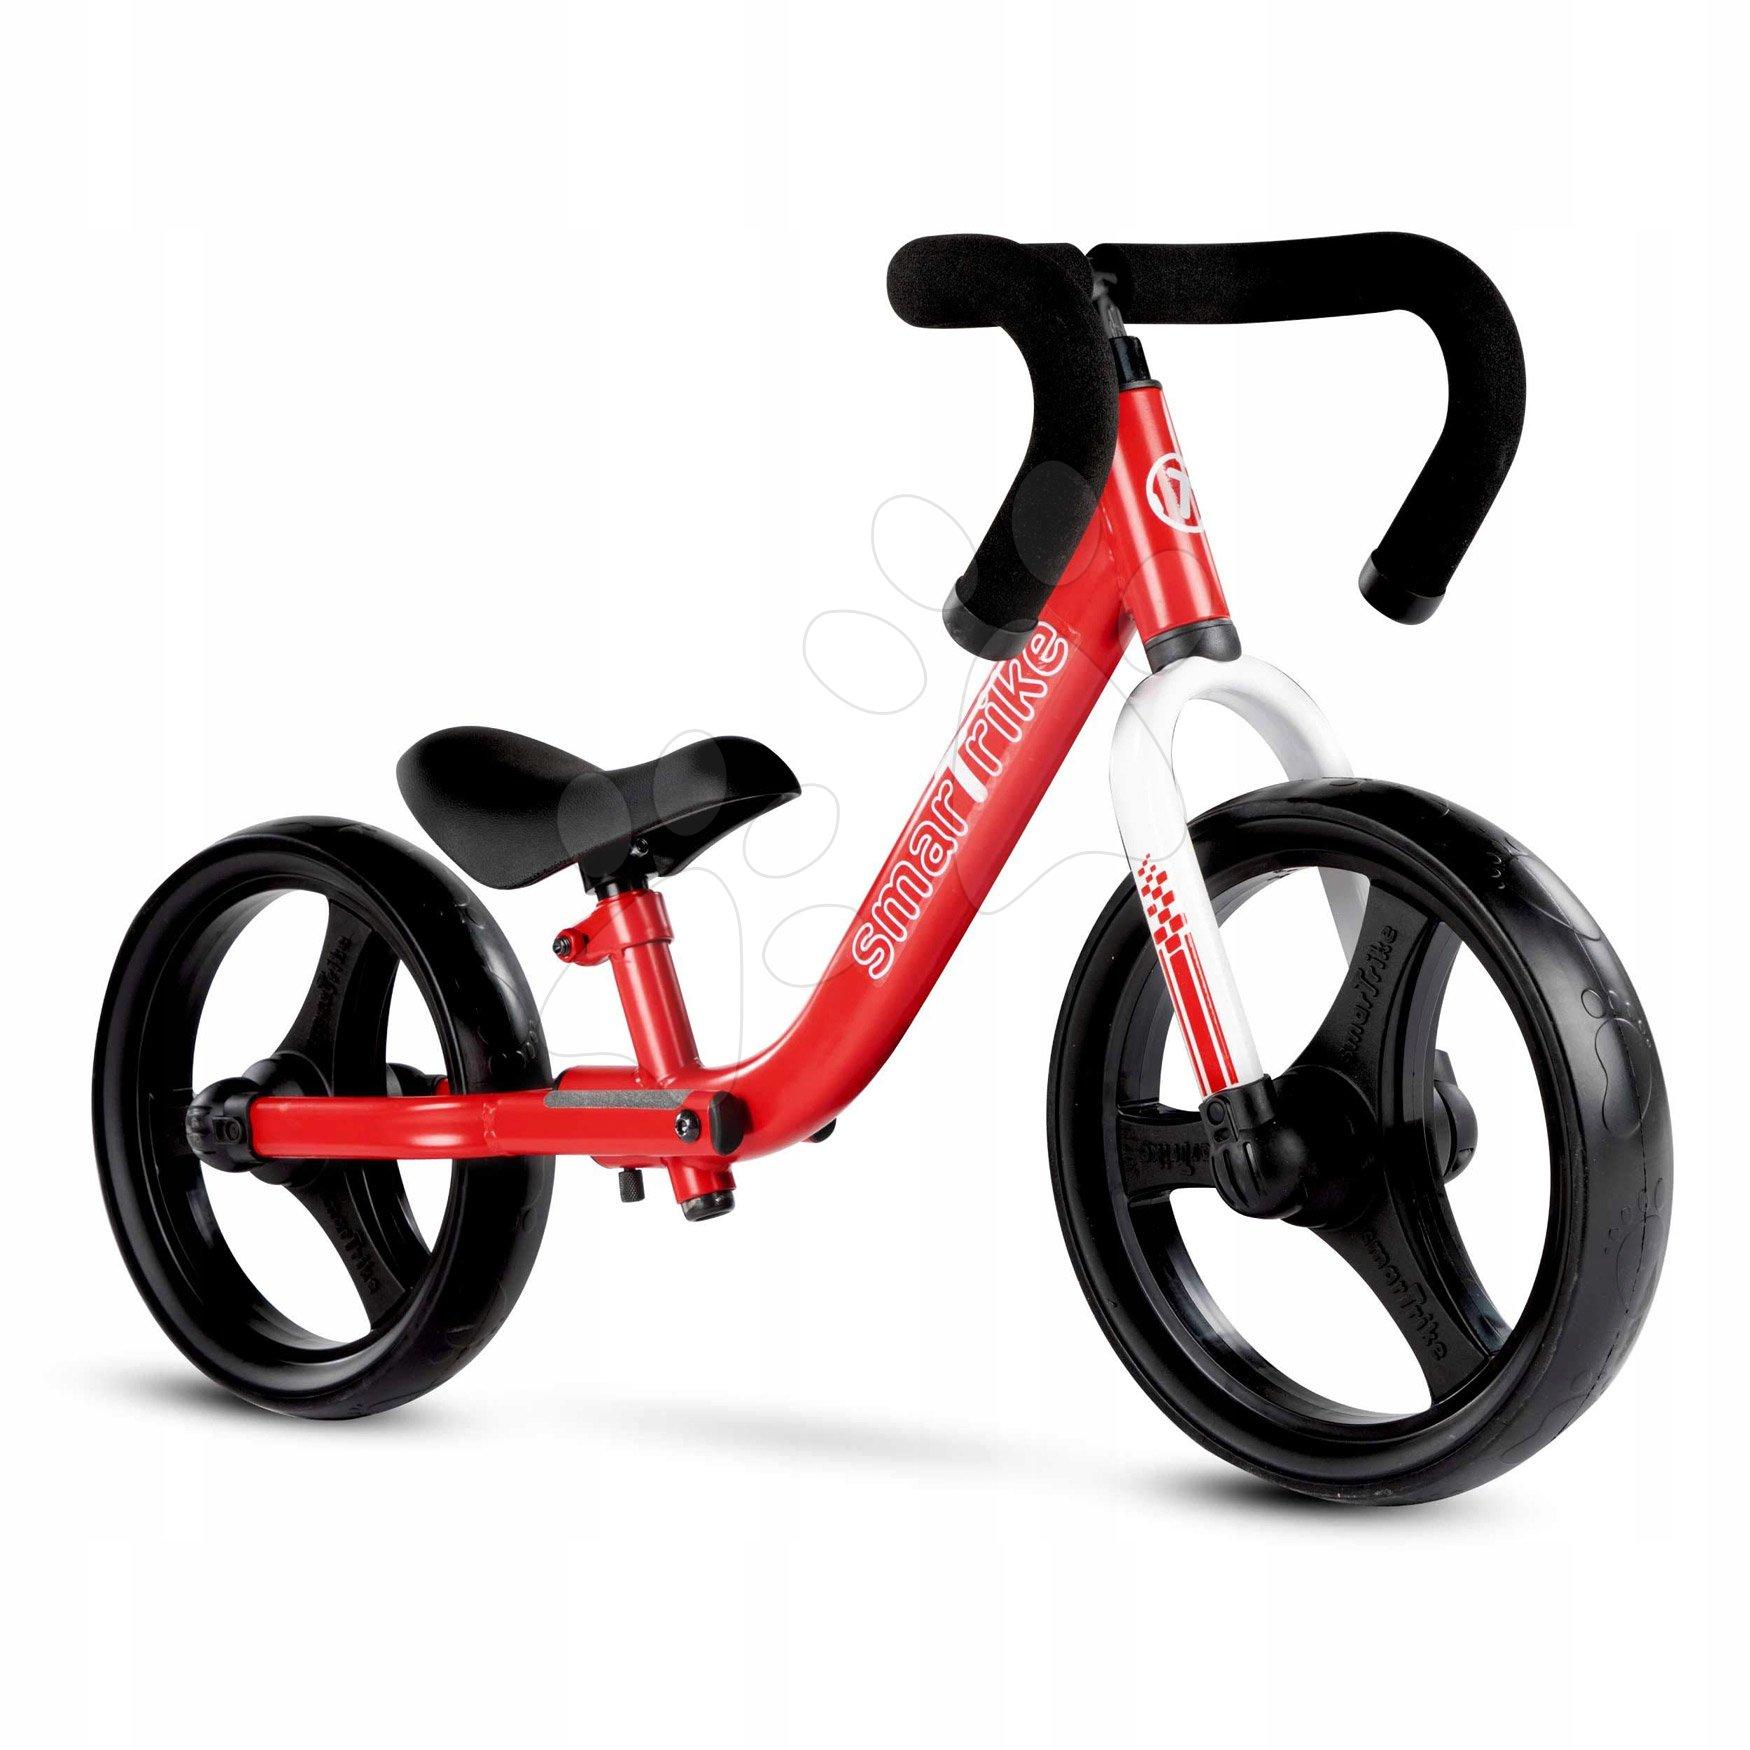 Odrážadlá od 18 mesiacov - Balančné odrážadlo skladacie Folding Balance Bike Red smarTrike z hliníka s ergonomickými úchytmi od 2-5 rokov